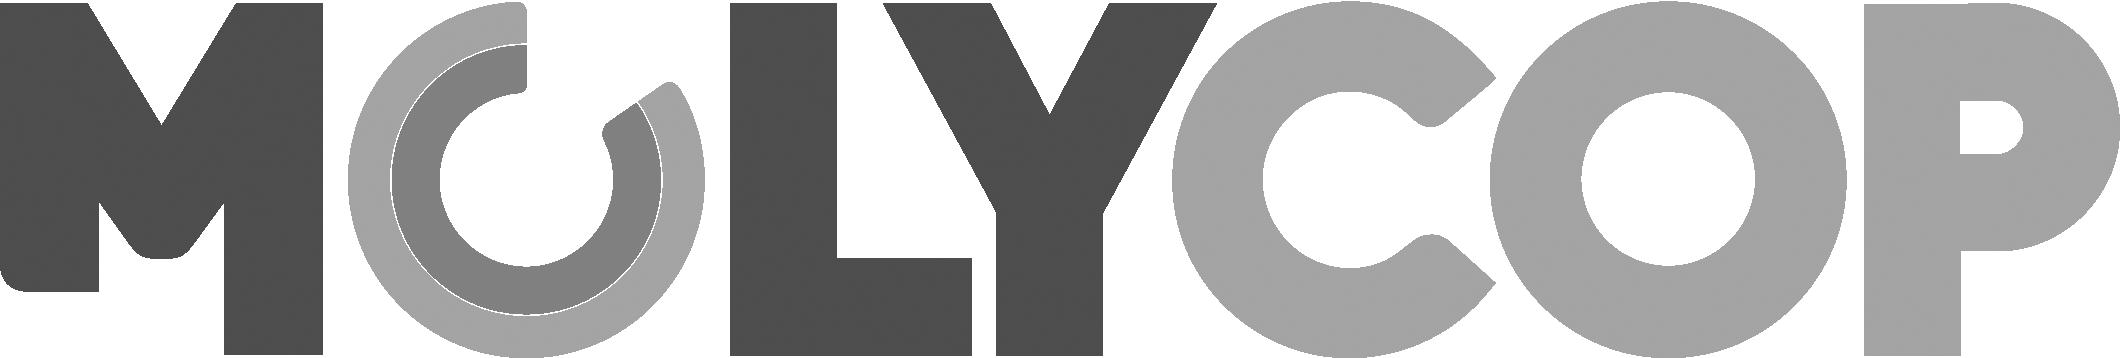 CA-logos-0